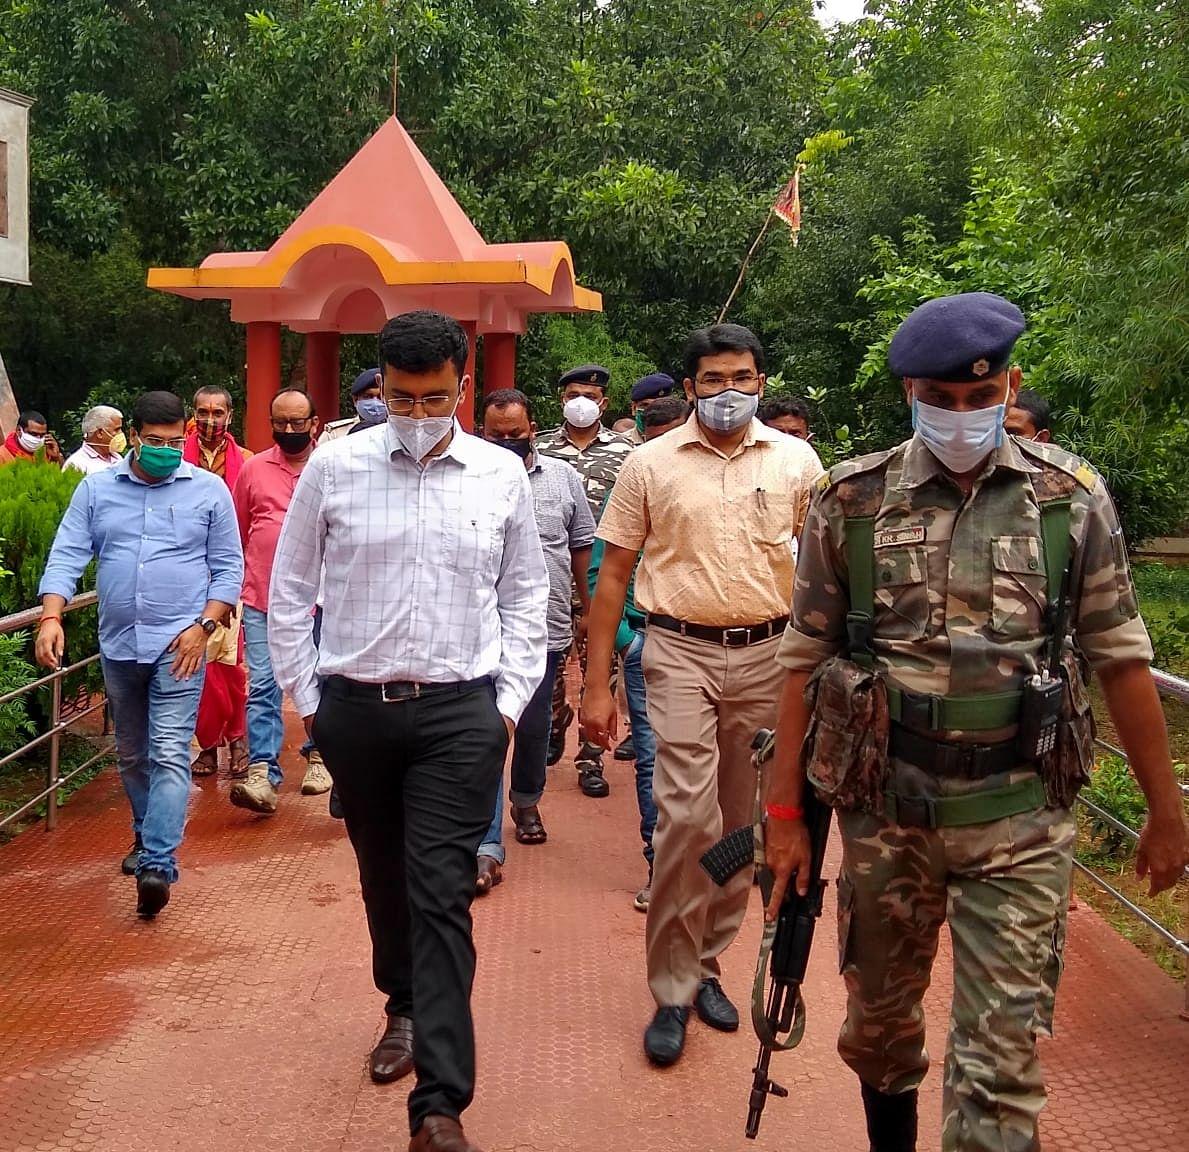 Unlock 5.0 In Jharkhand : कोरोना के साये में शर्तों के साथ खुल रहे धार्मिक स्थल, भद्रकाली मंदिर में भी श्रद्धालुओं को इन नियमों का करना होगा पालन